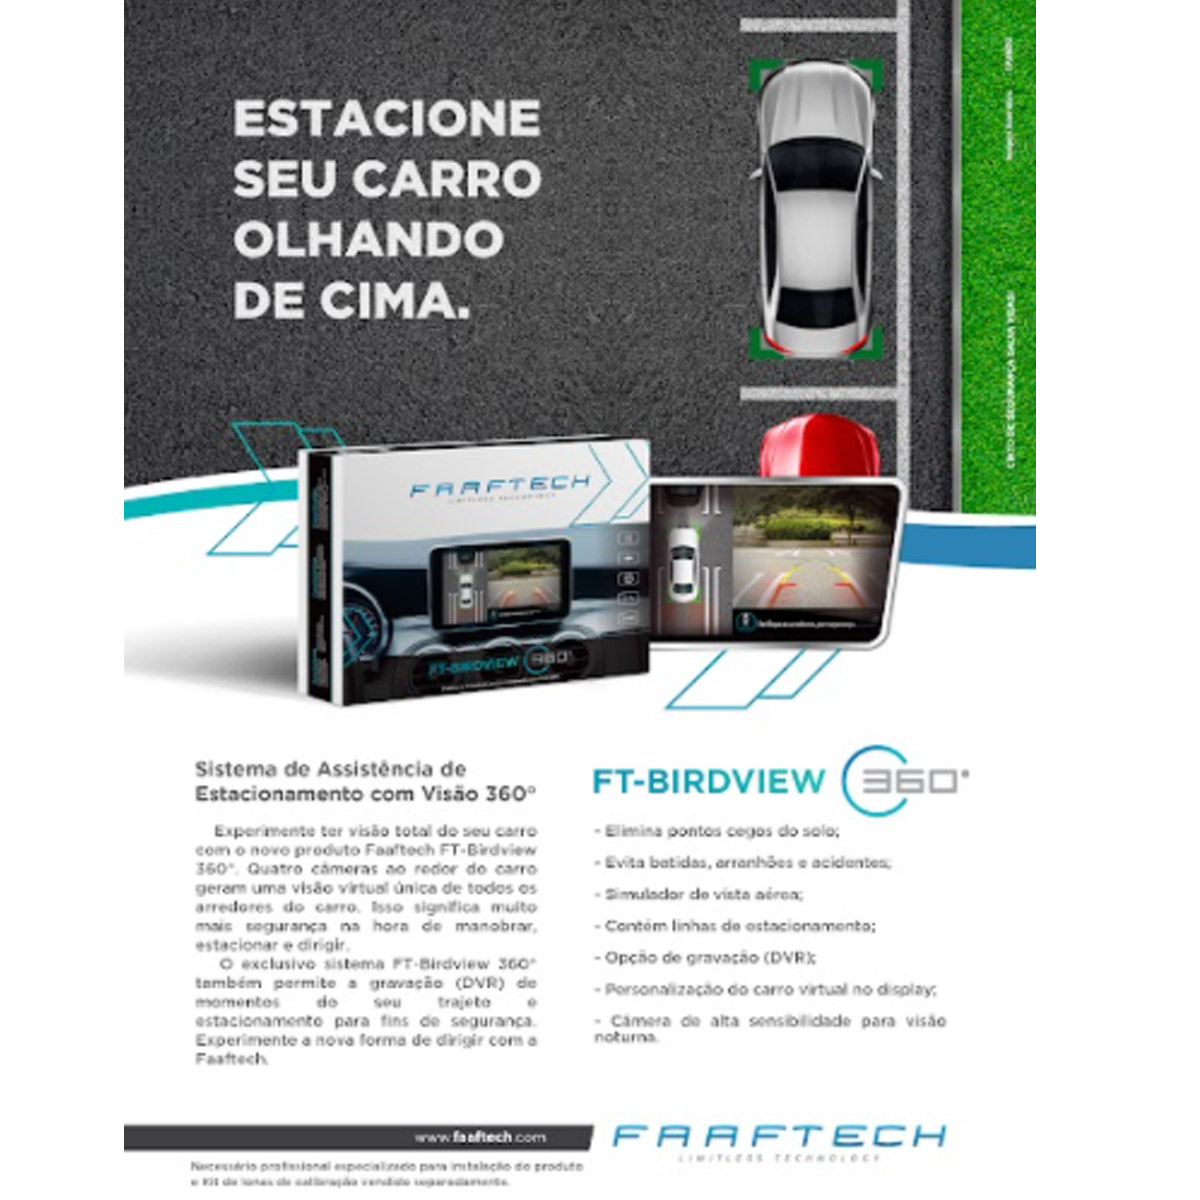 Câmera Automotiva Visão Panorâmica 360° Faaftech FT-BIRDVIEW